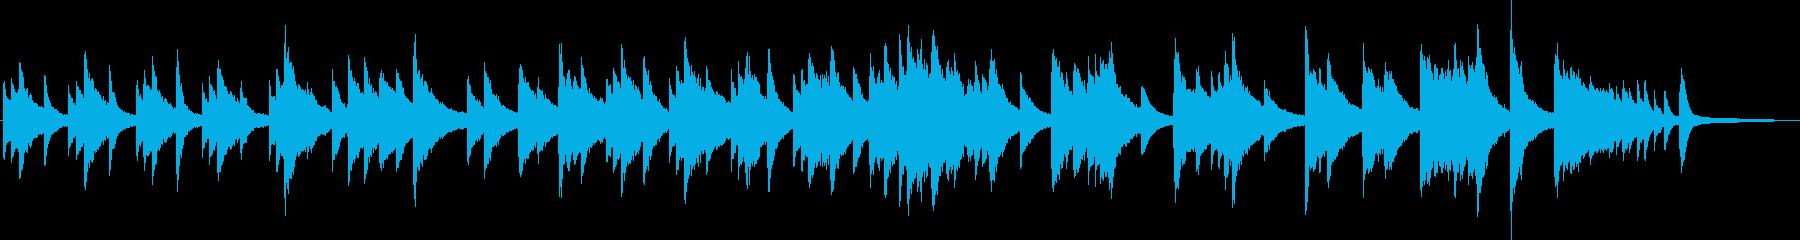 ピアノ演奏/ワイン・チーズ等が熟成する音の再生済みの波形